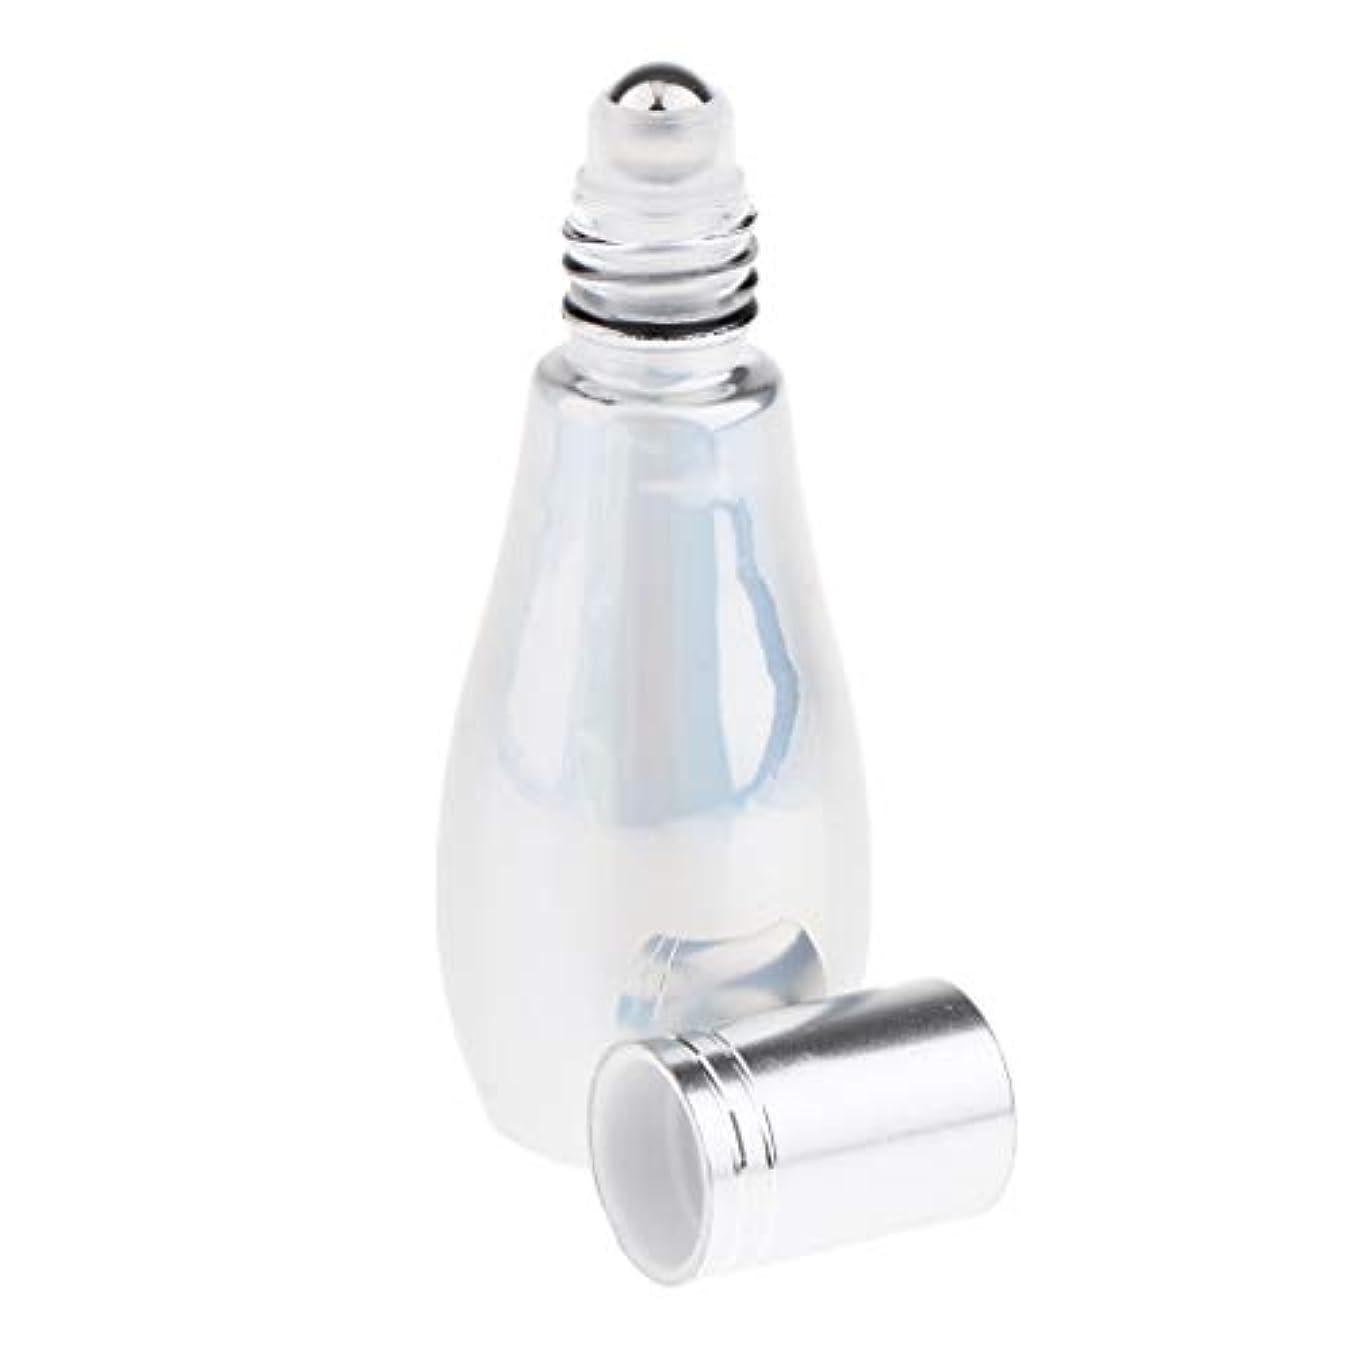 天窓メタルライン計器DYNWAVE ローラーボール 香水 再使用可能な ガラス 小分けボトル エッセンシャルオイル容器 全2タイプ - ローラー